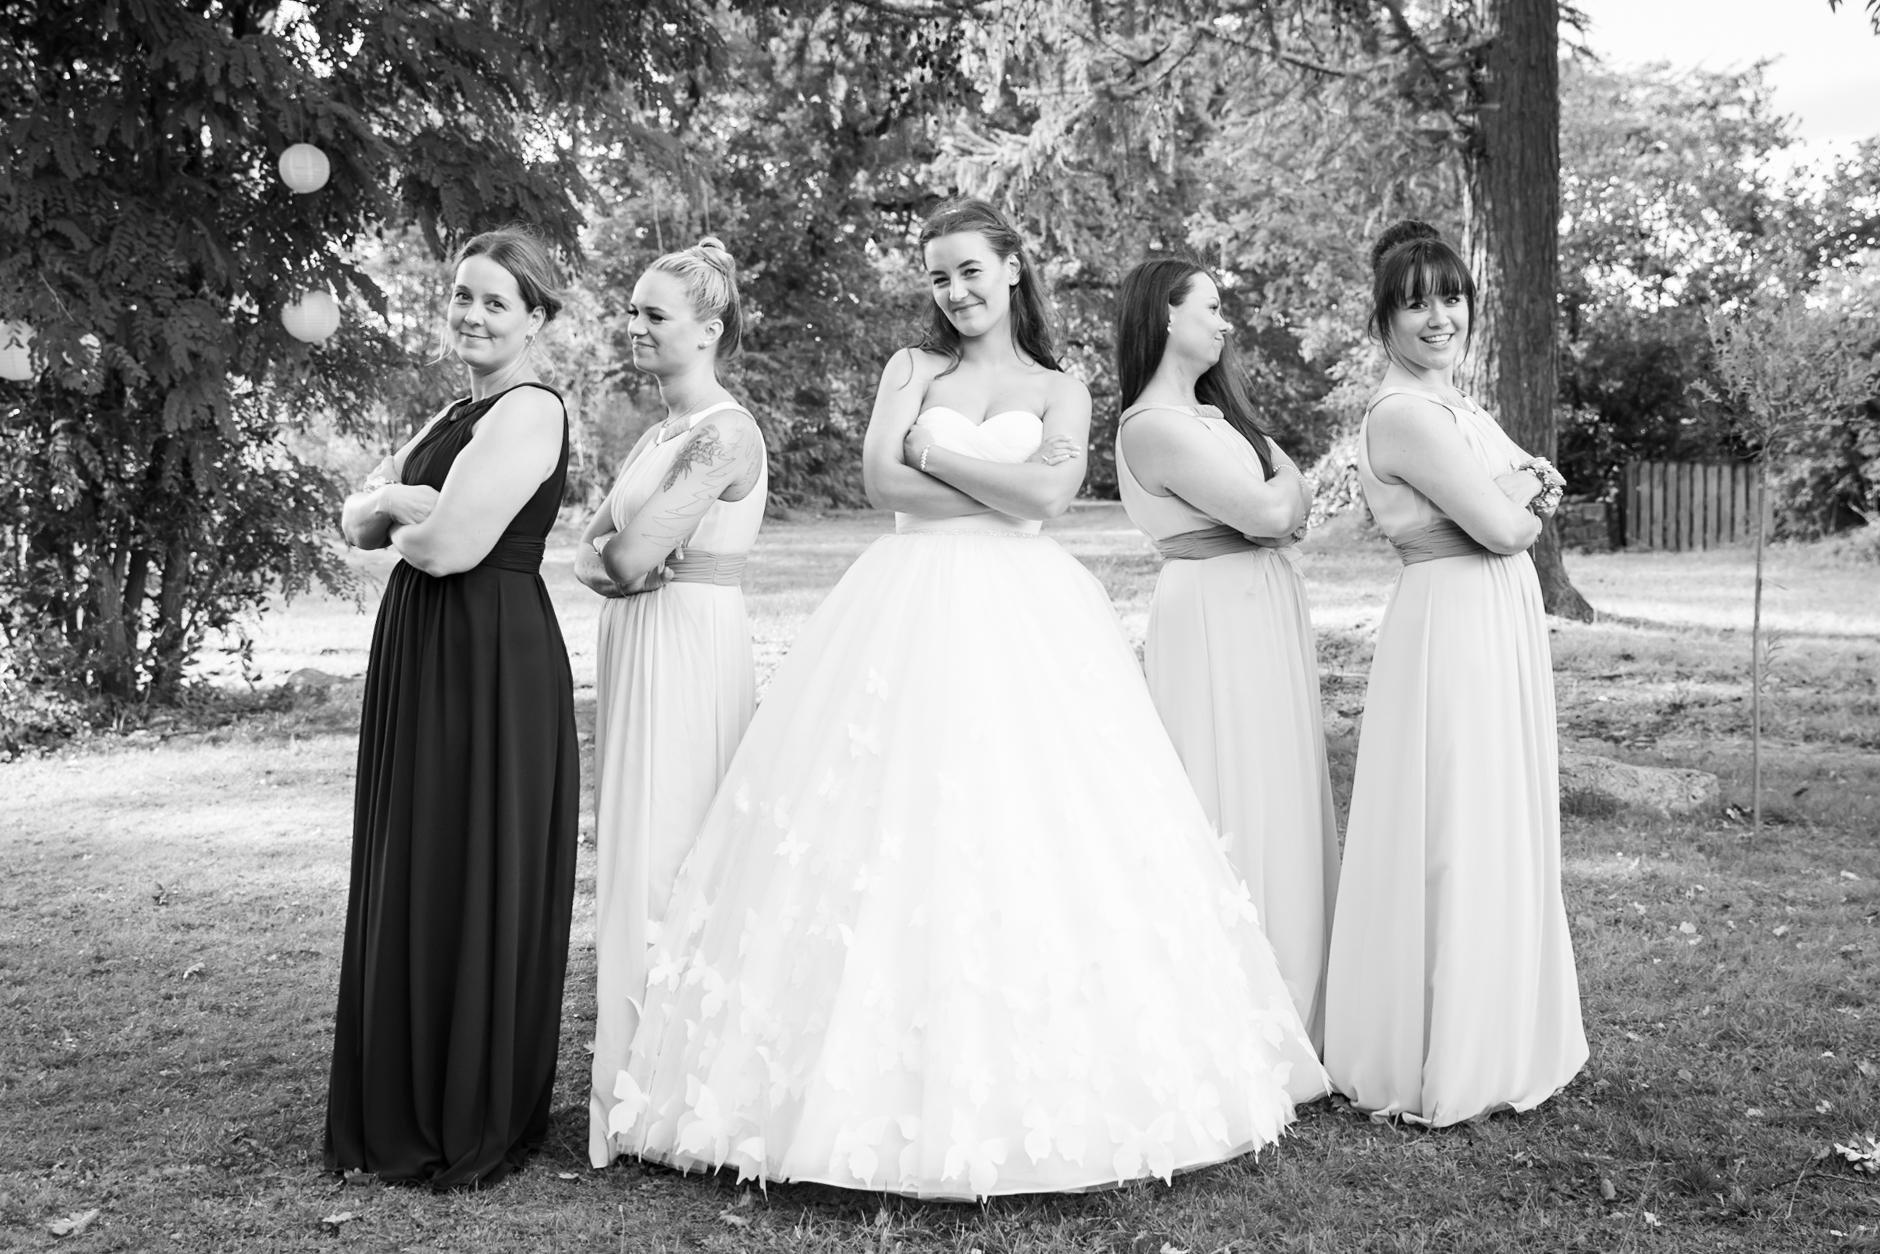 Gruppenbilder sind ein Muss für jede Hochzeitsreportage